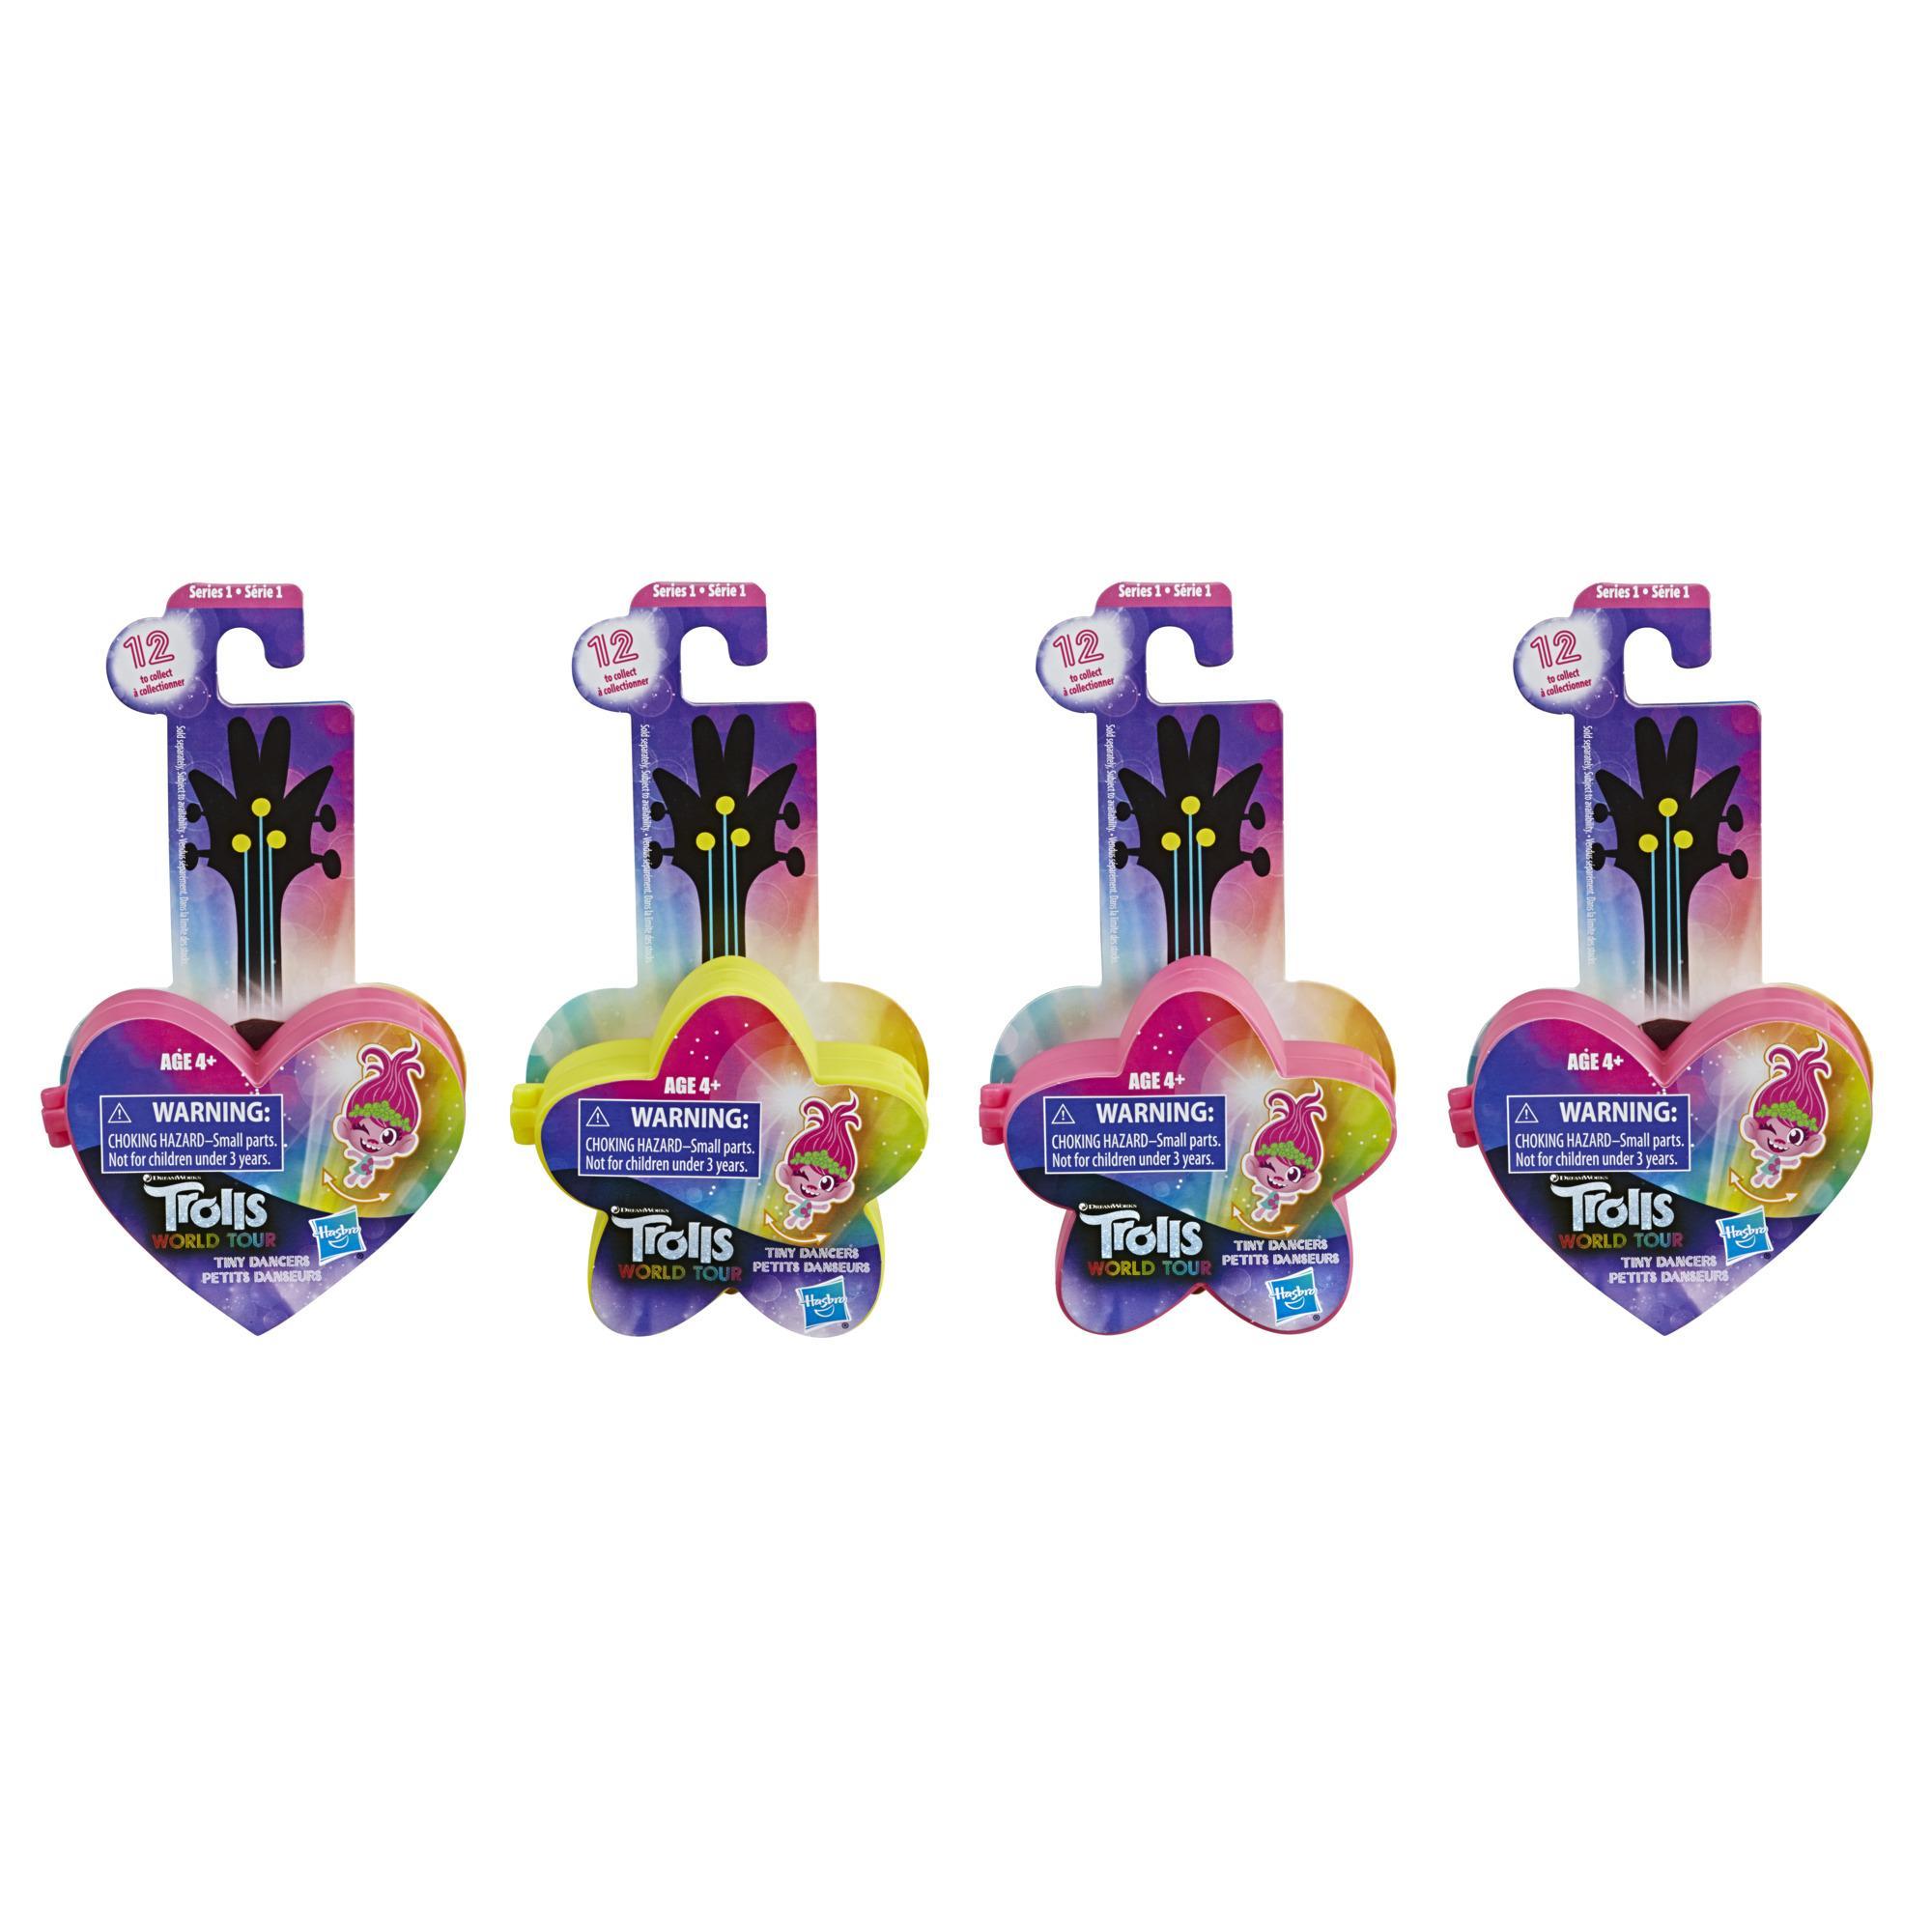 Trolls Pack 4 Figuras Minibailarinos — Minifiguras da Série 1. Idade: a partir dos 4 anos